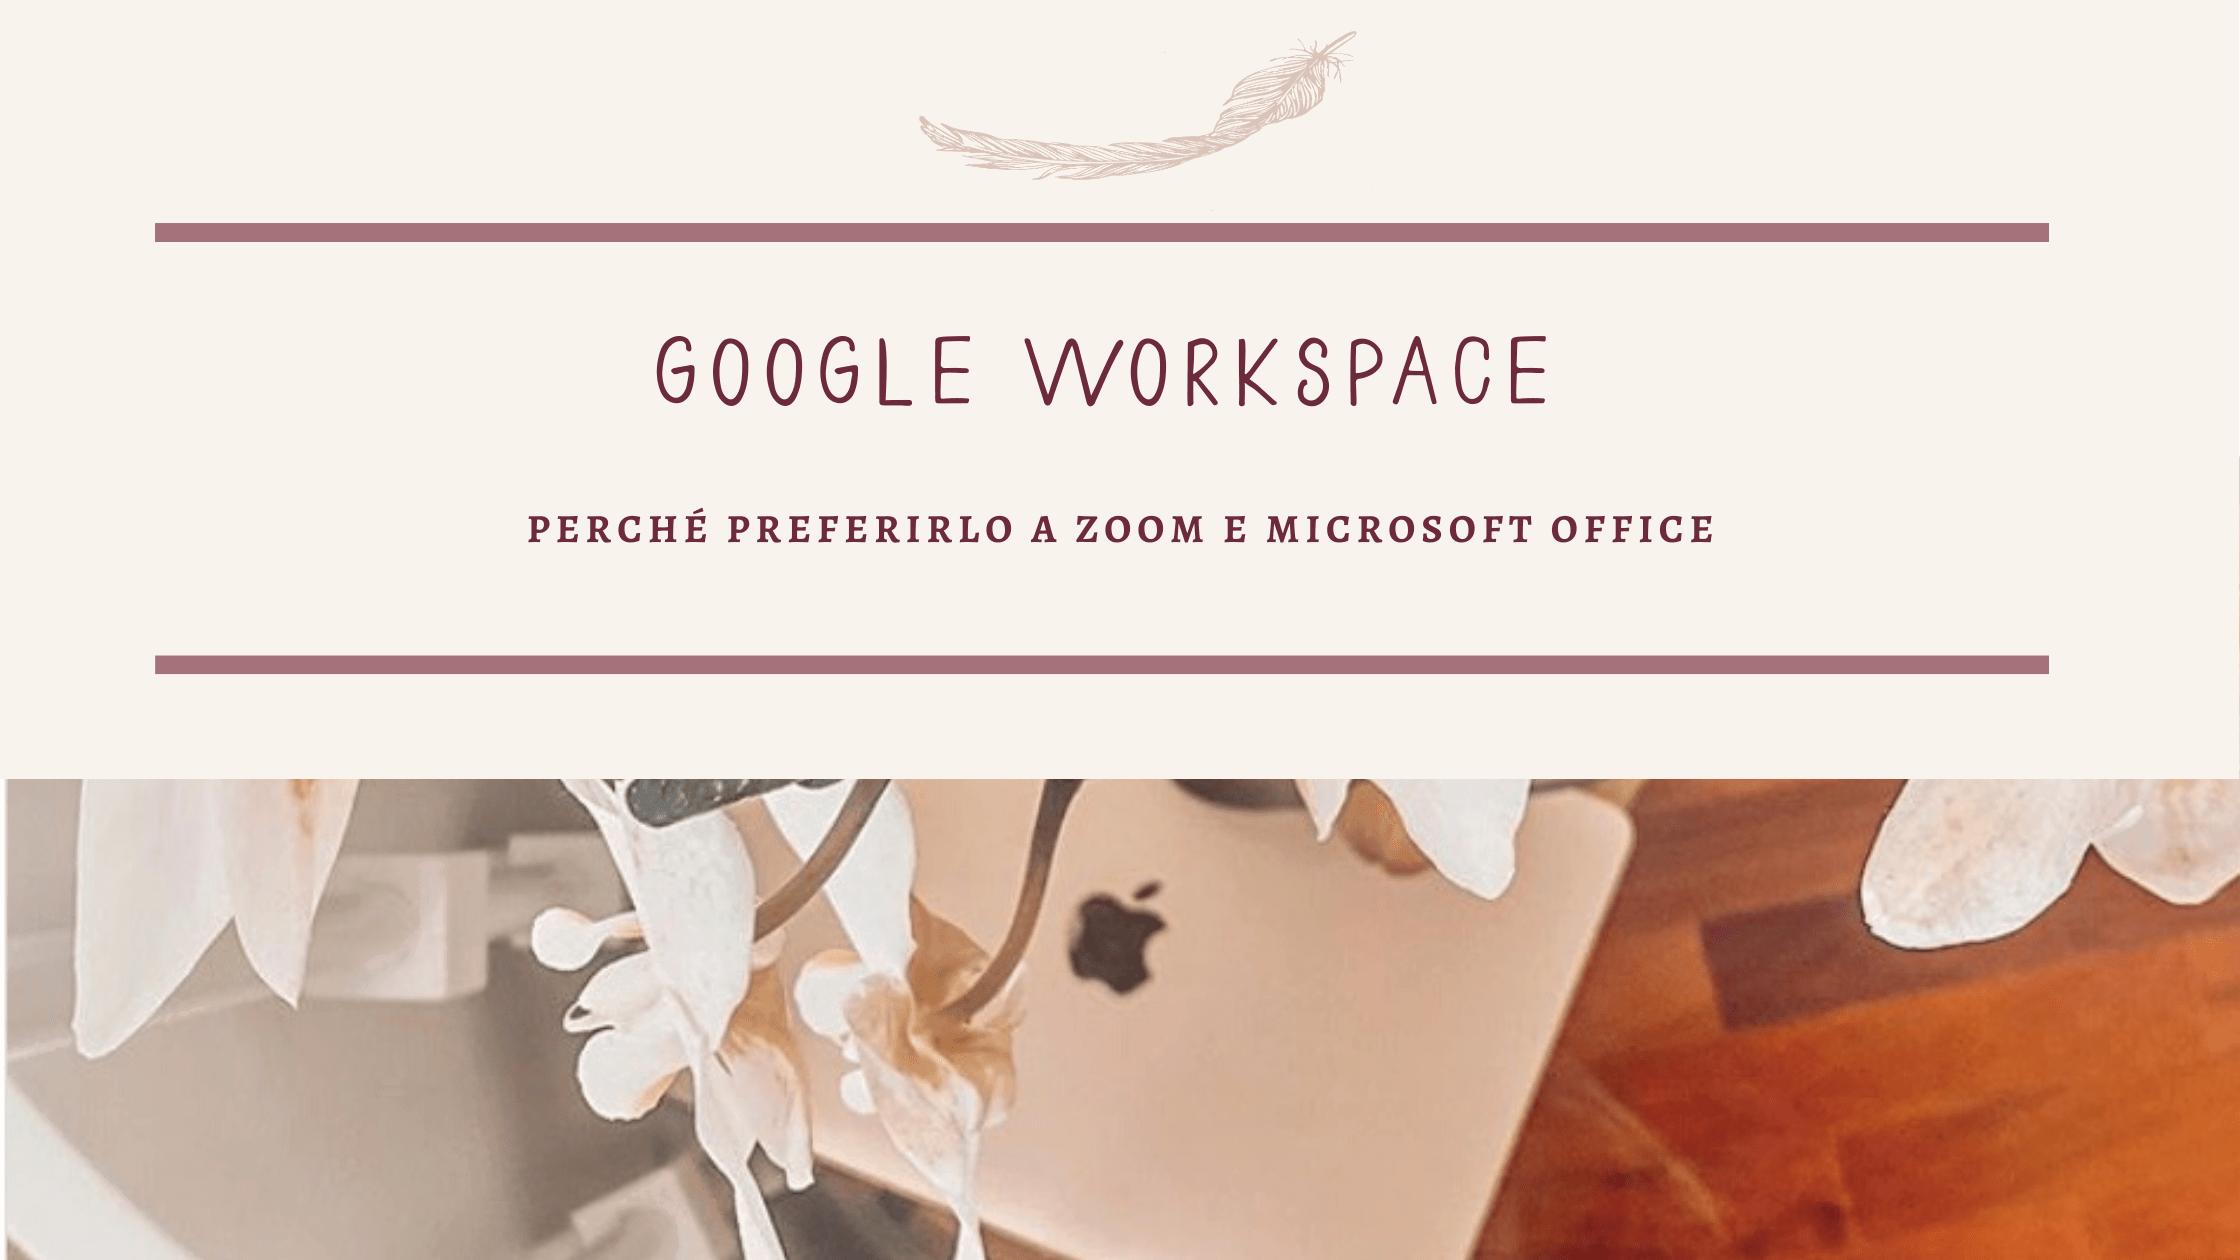 Google Workspace: perché preferirlo a Zoom e Microsoft Office